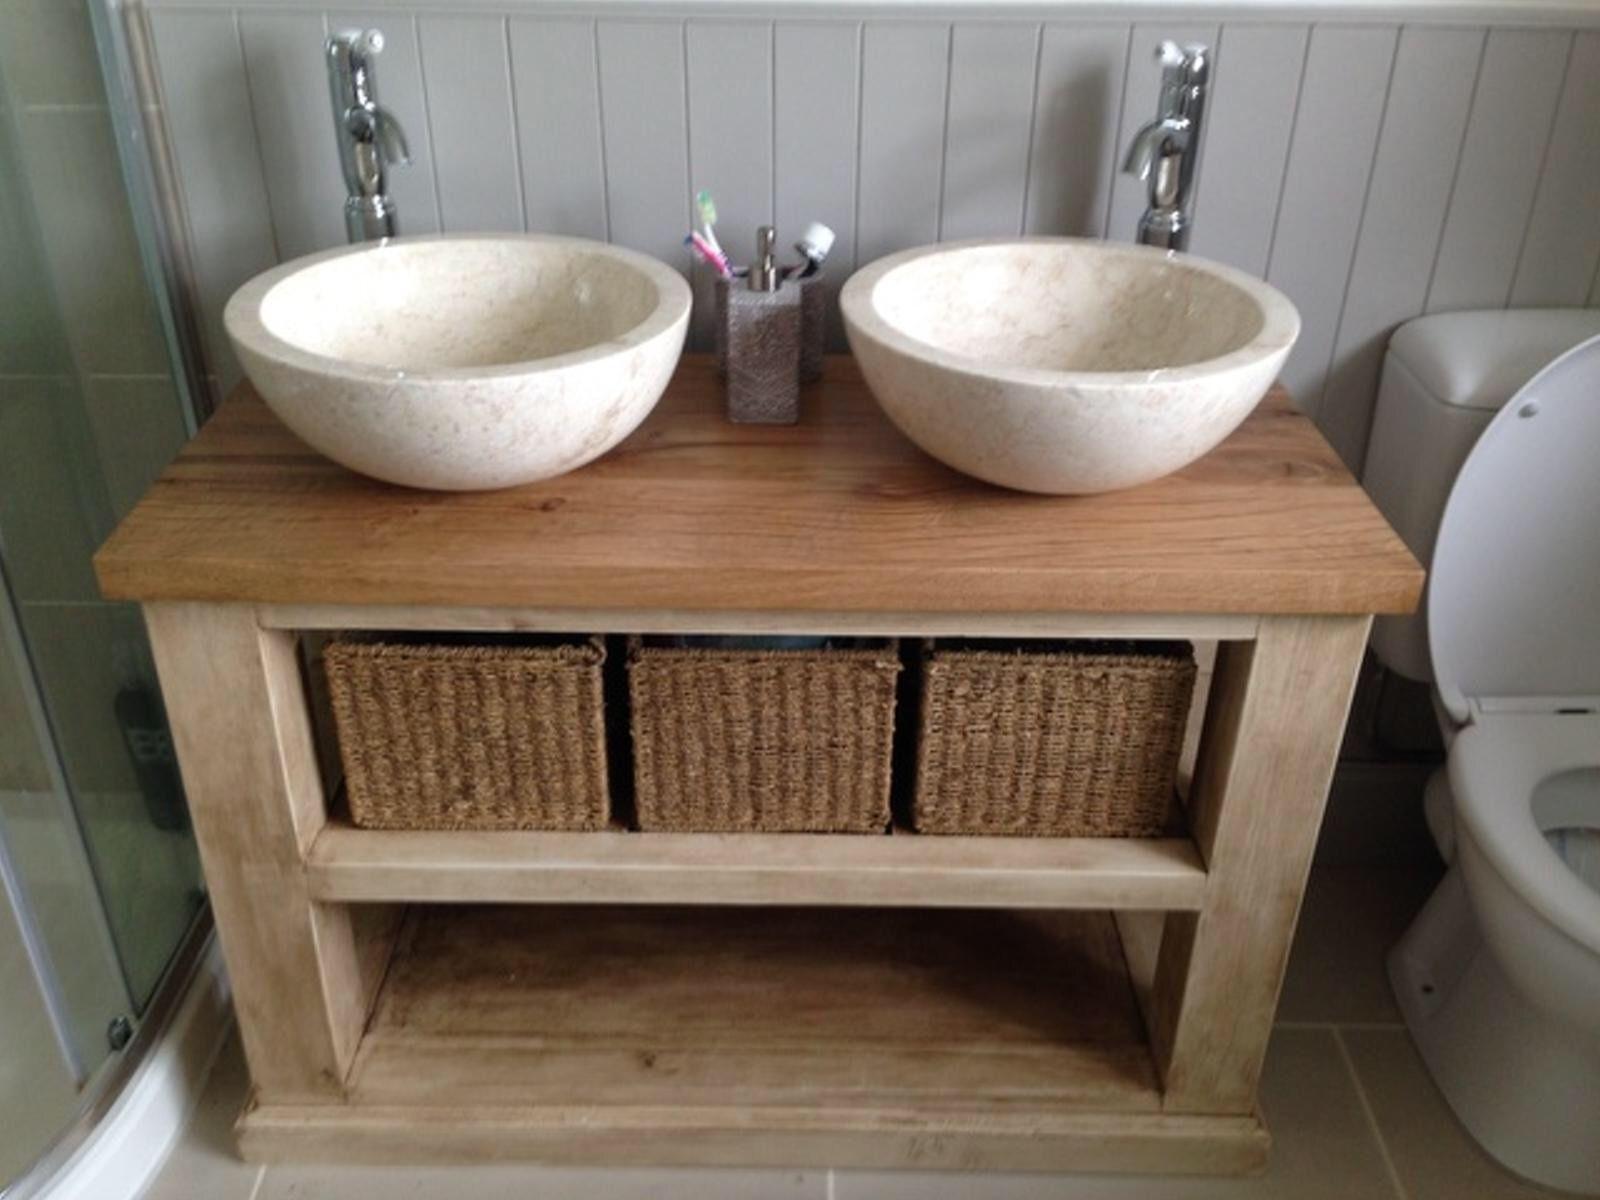 Handmade Solid Oak Bathroom Vanity Unit, Handmade Bathroom Vanity